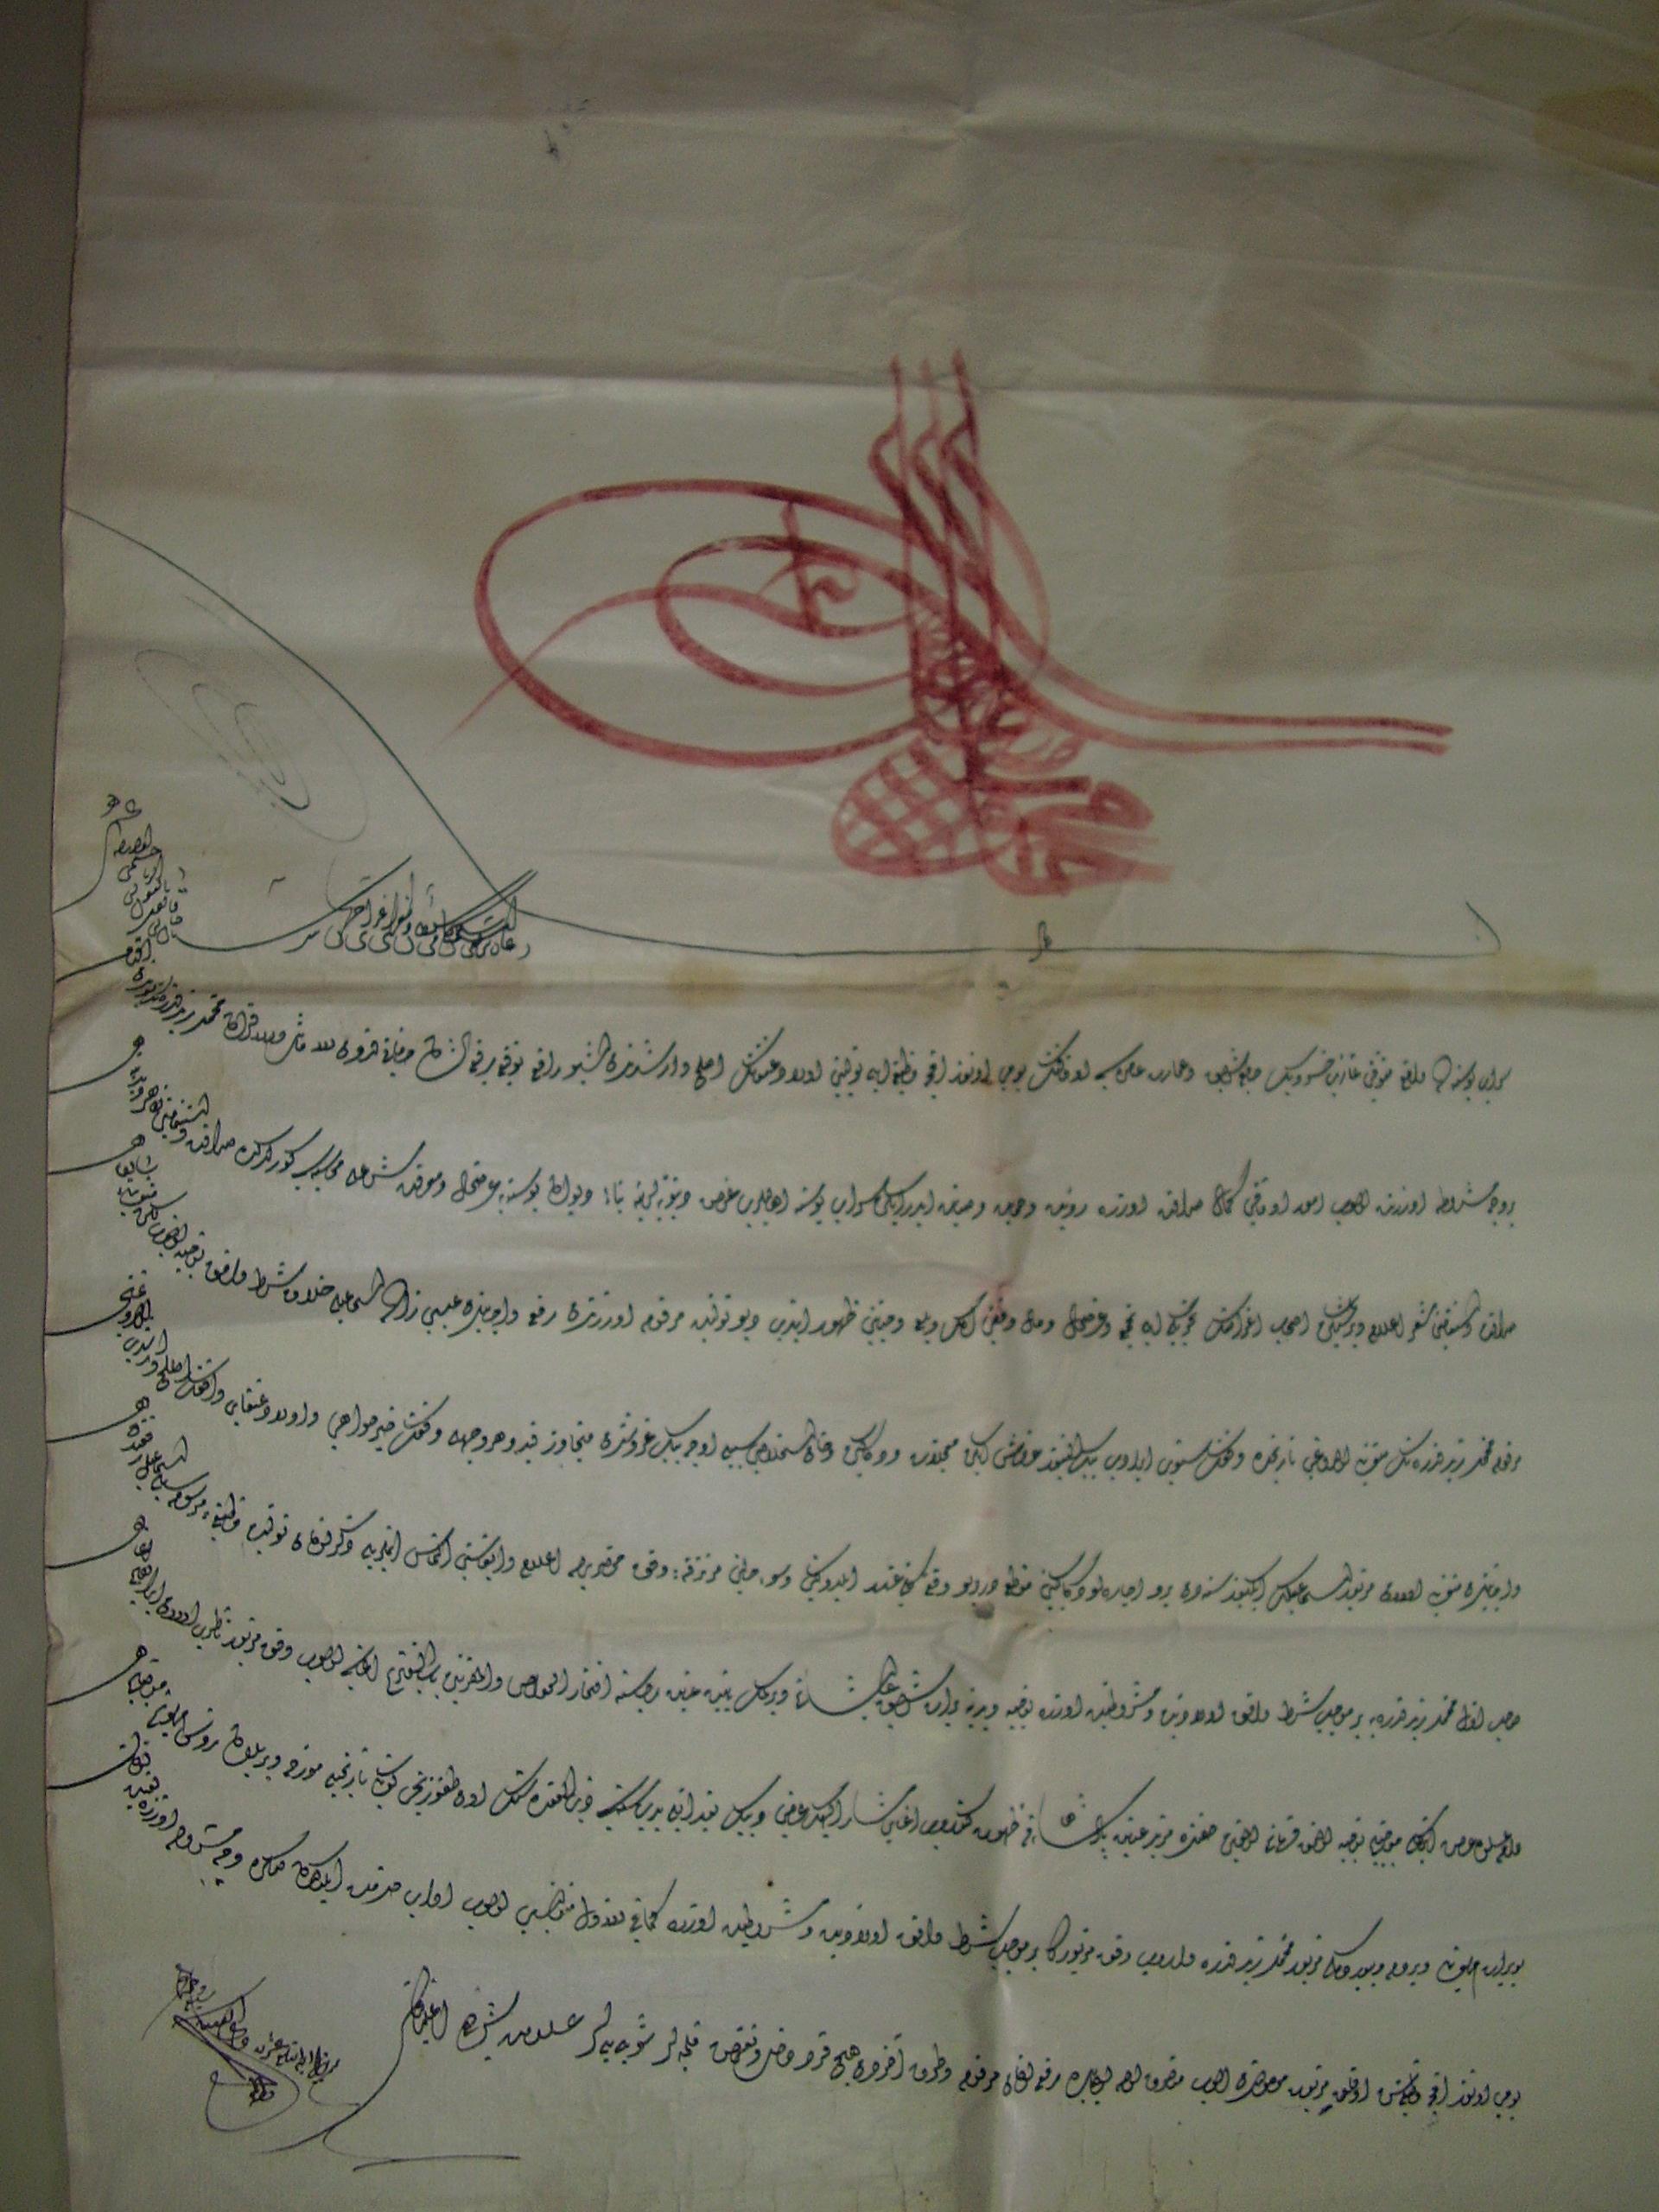 Berat Sultana Mahmuda I iz 1744. godine kojim se ponovo za muteveliju imenuje Mehmed, na čije je mjesto neopravdano bio postavljen Smail Isa zade.